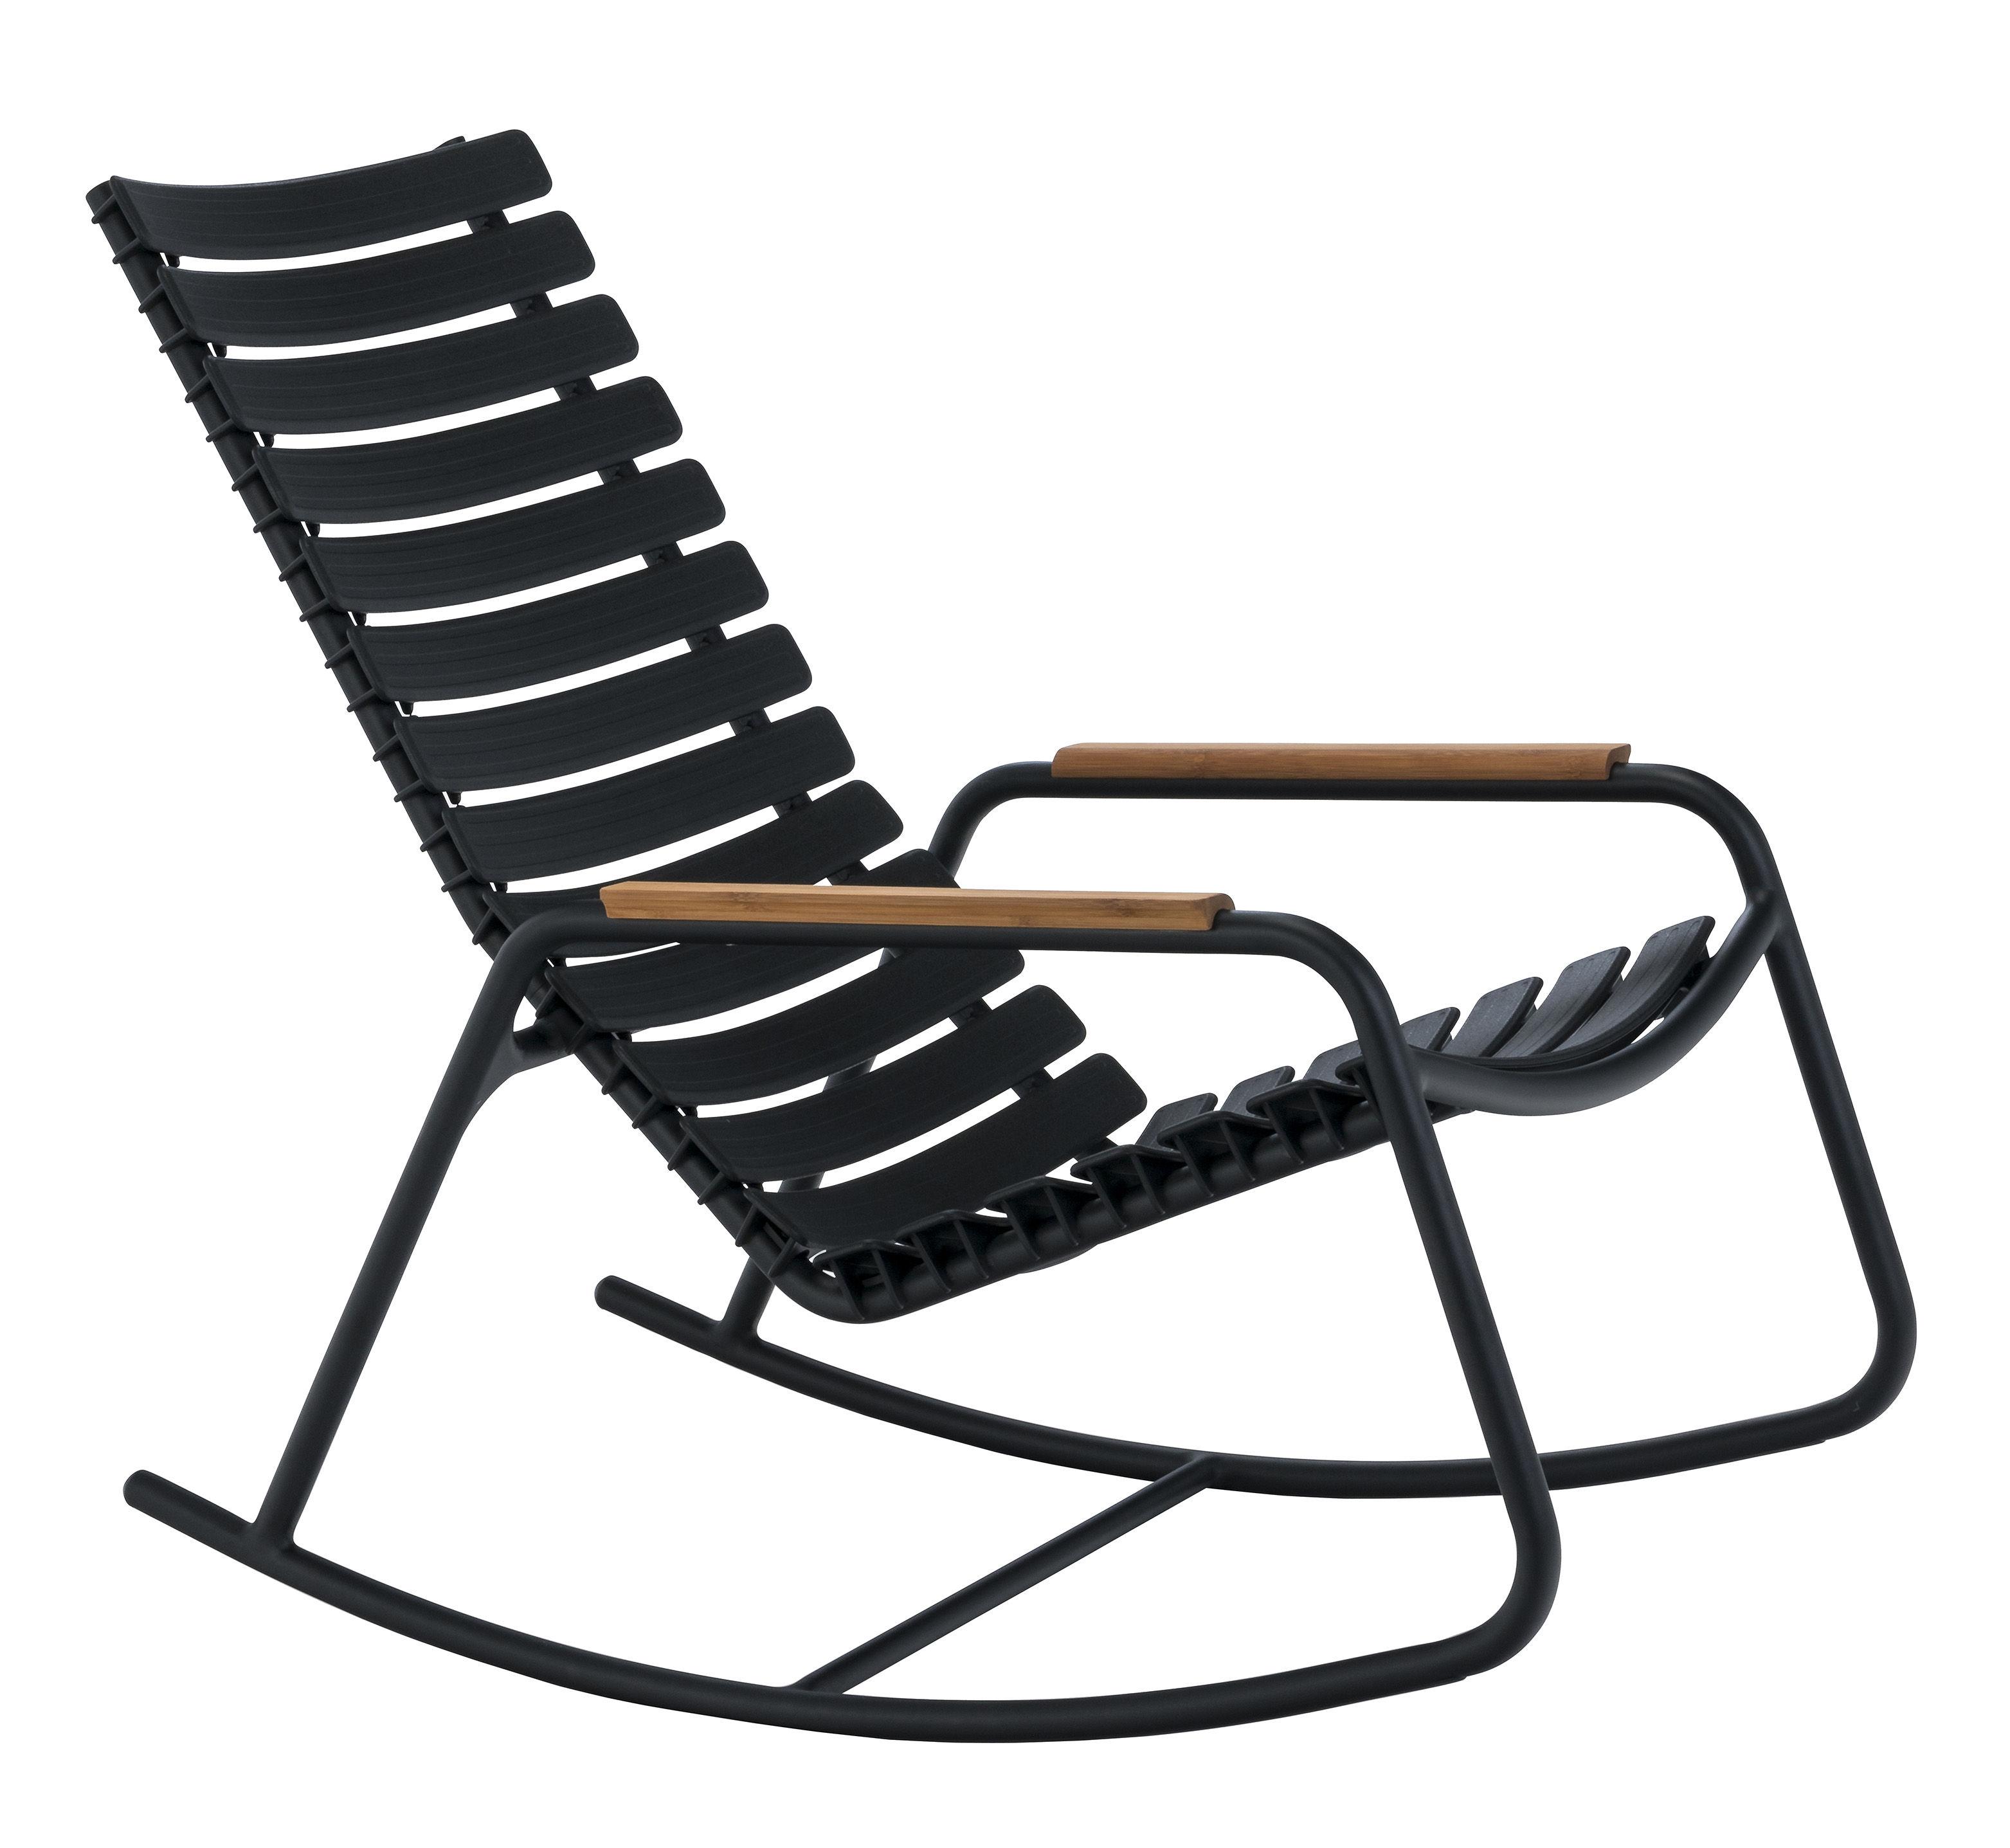 Mobilier - Fauteuils - Rocking chair Clips / Plastique & accoudoirs bambou - Houe - Noir / Bambou - Aluminium, Bambou, Matière plastique